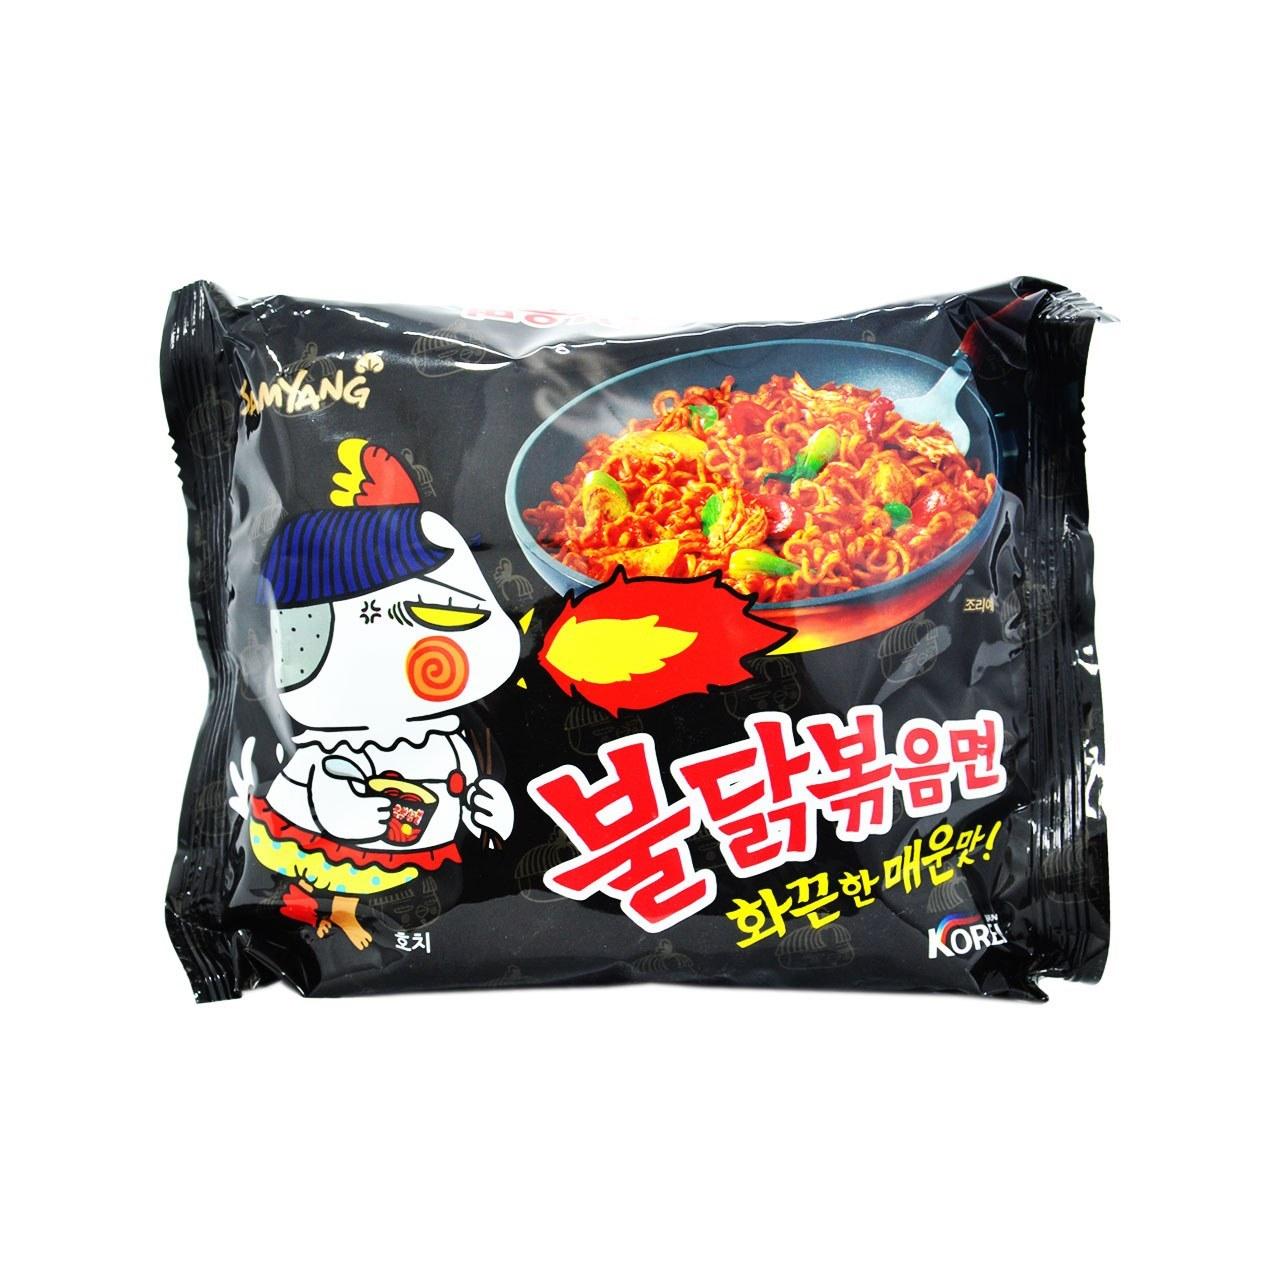 تصویر نودل کره ای ( رامن ) مرغ خیلی تند ۱۴۰ گرم بولداک سامیانگ – samyang